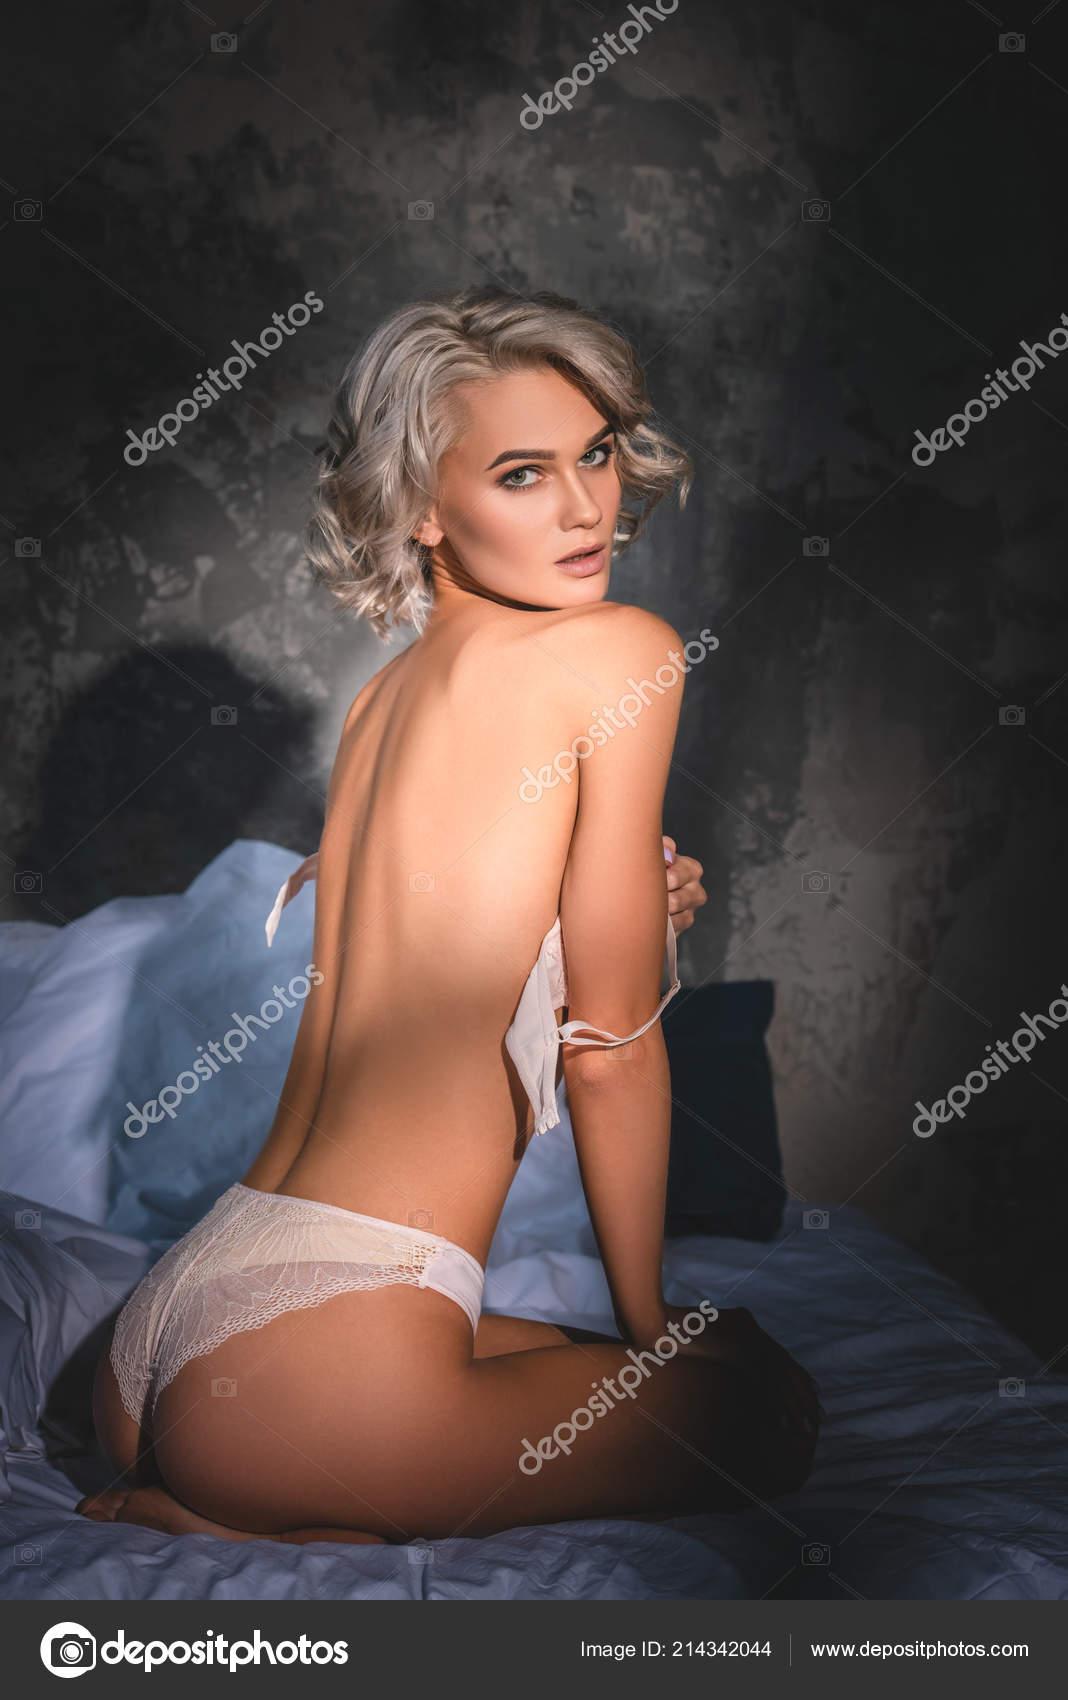 82e36465b4 Sexy mujer joven en ropa interior sentada en la cama quitándose el  sujetador y mirando a cámara bajo los rayos del atardecer — Foto de ...